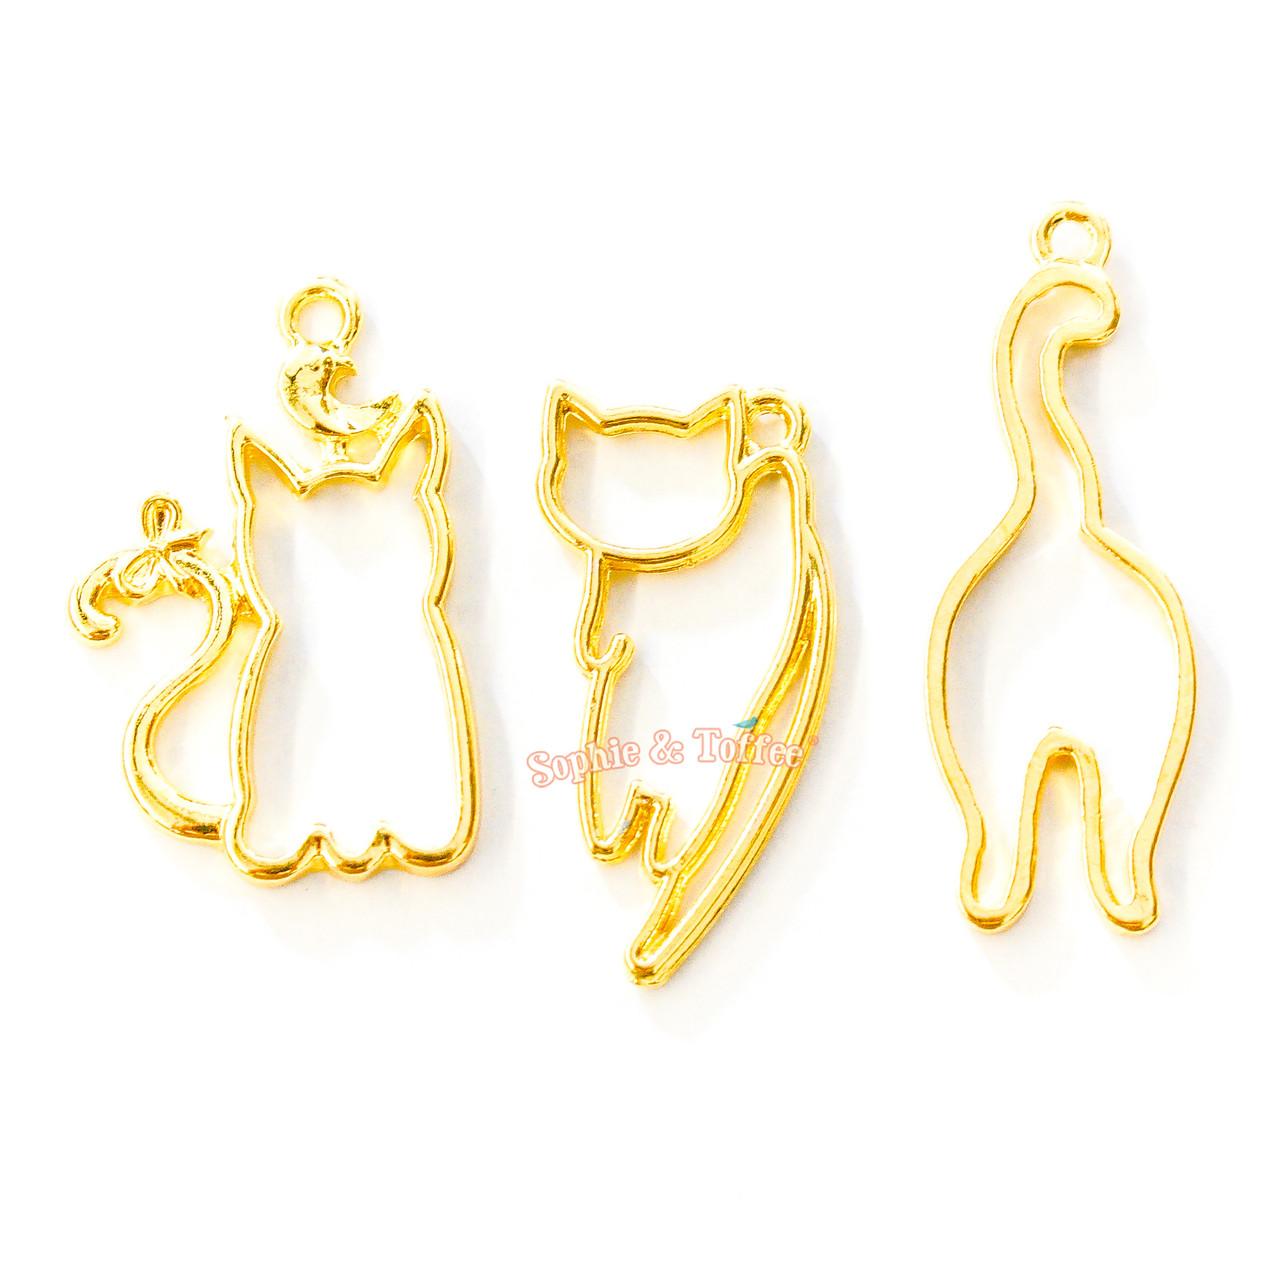 Resin open bezel,gold bezel,uv resin,resin open bezel,kitty open bezel,gold charm,resin craft